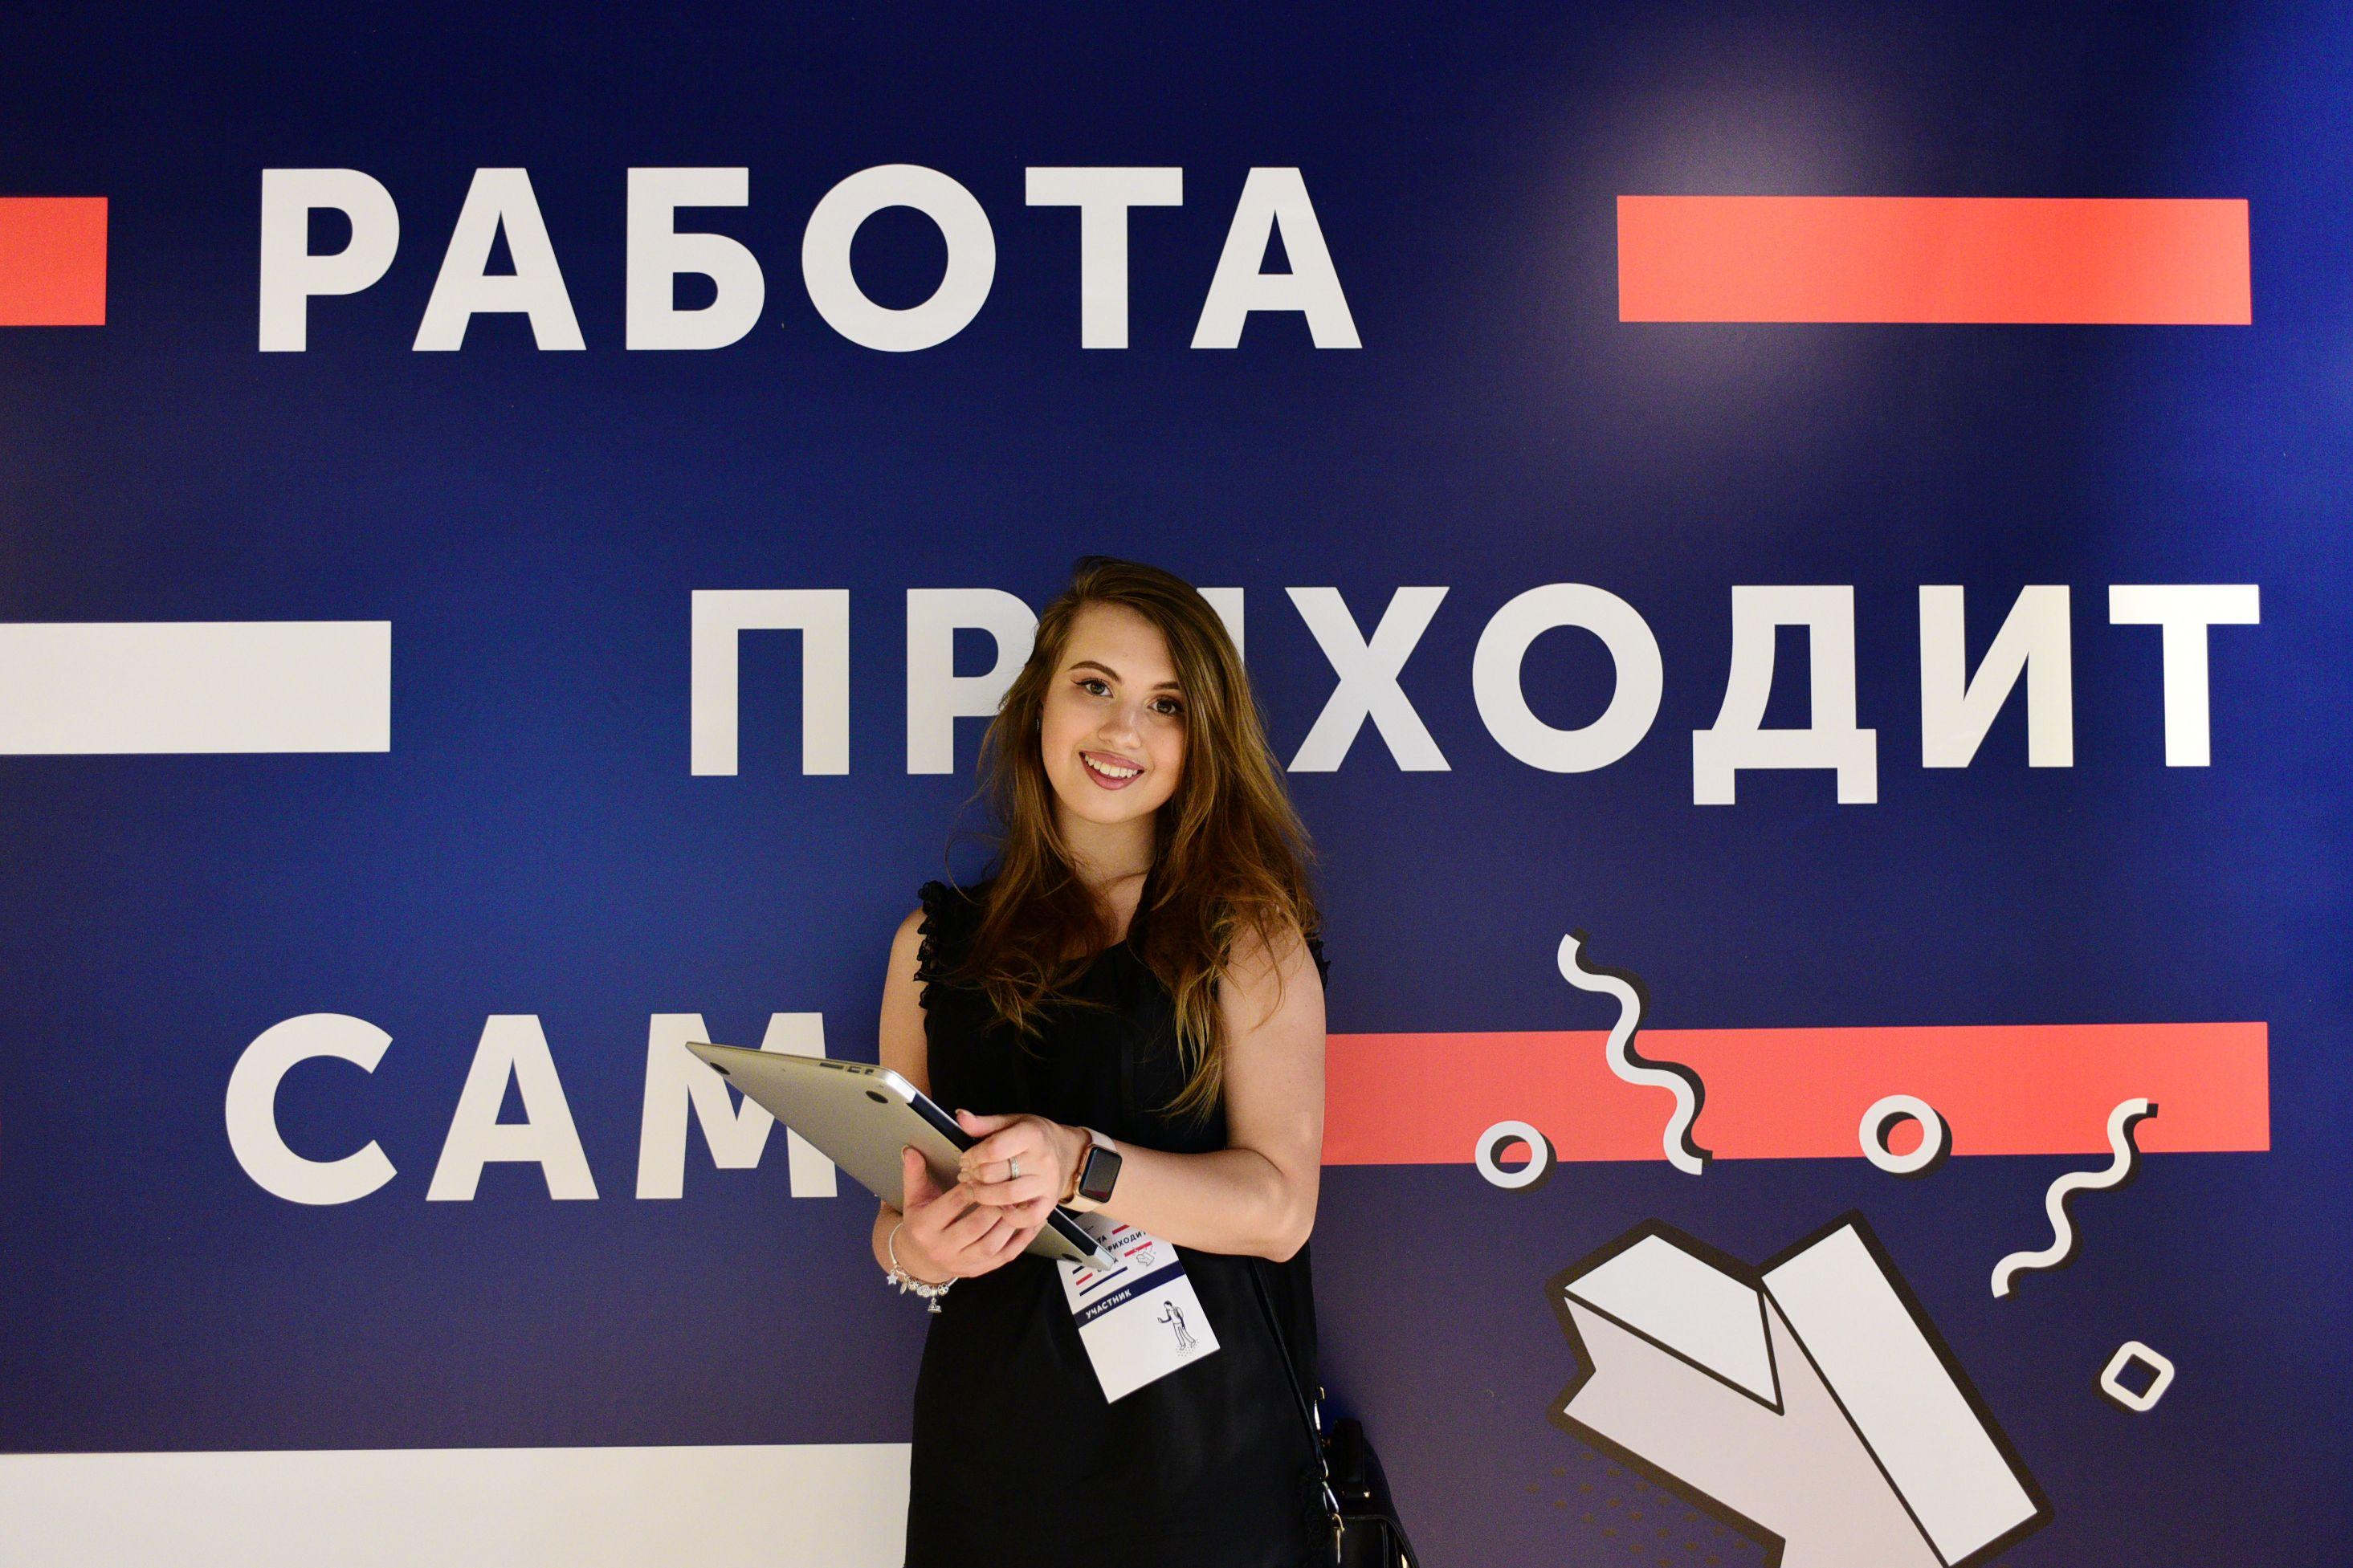 Форум социальных инноваций организовали в Москве